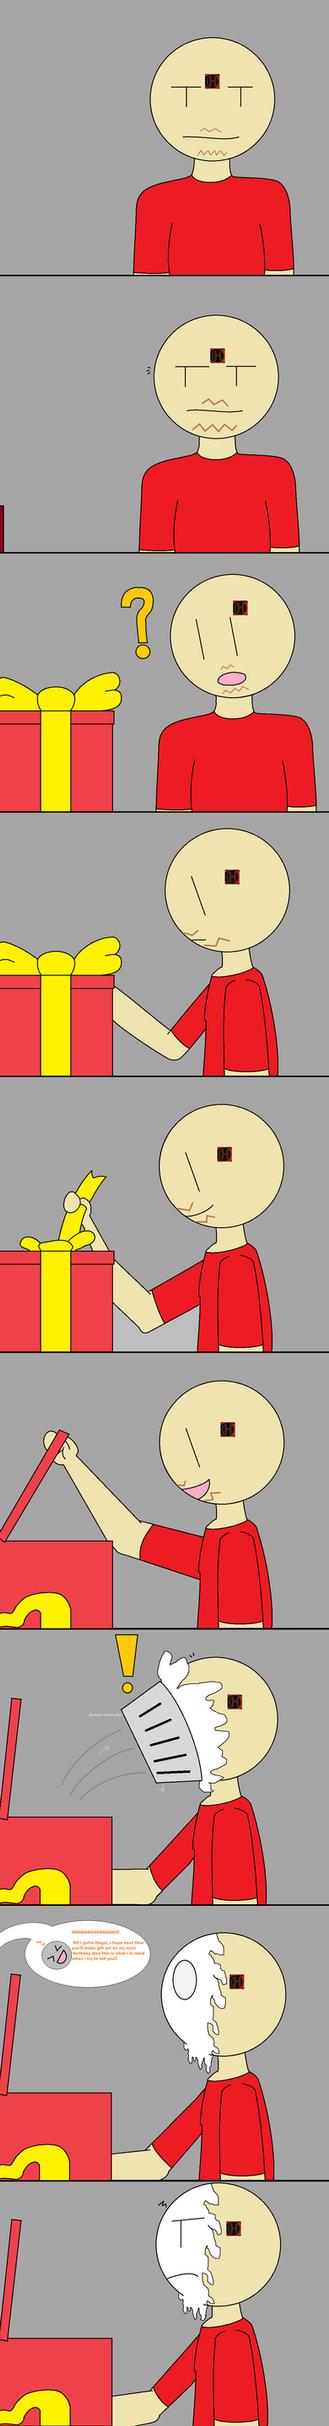 Happy Birthday Hugo X3 XD (Funny Comic Gift) by starryfan